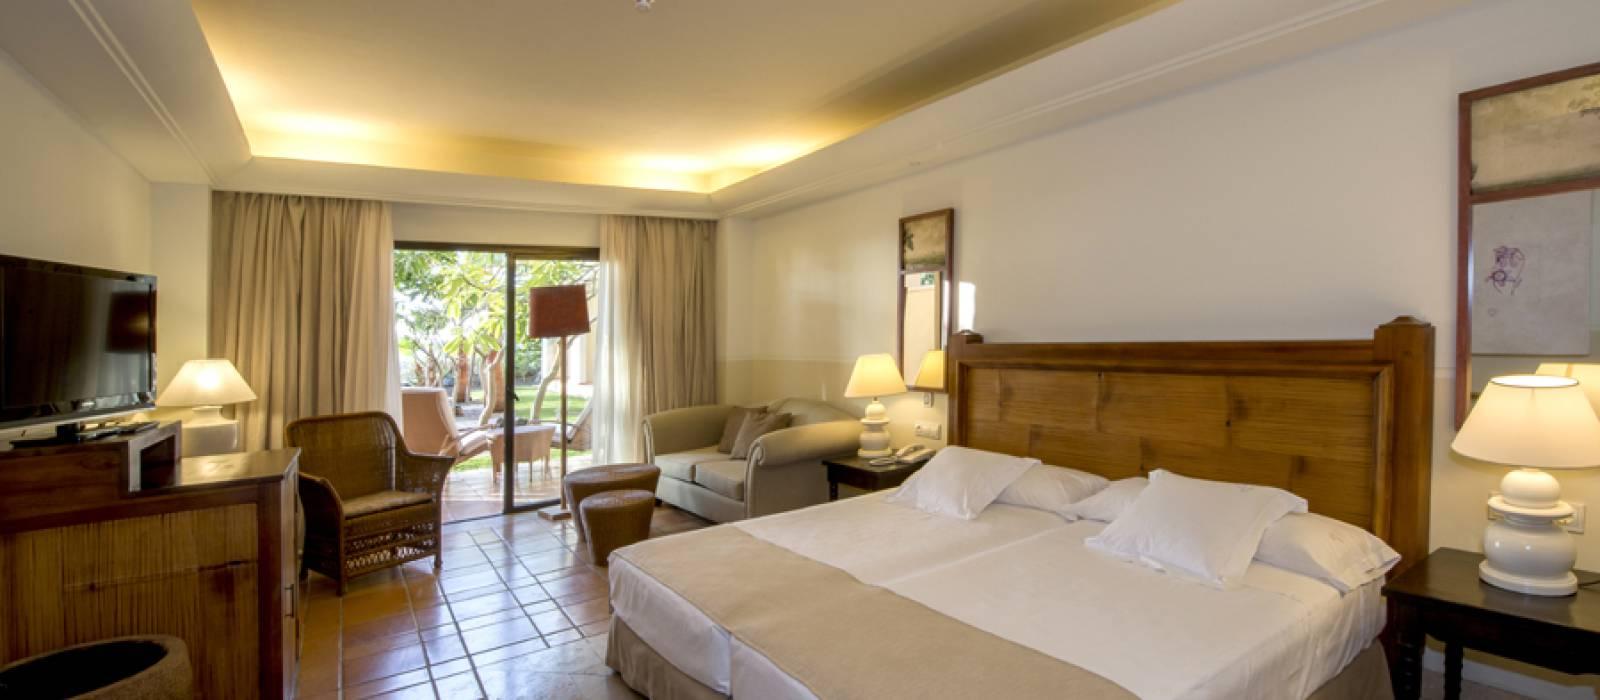 Habitaciones Vincci Hotel La Plantación del Sur - Habitaciones Dobles